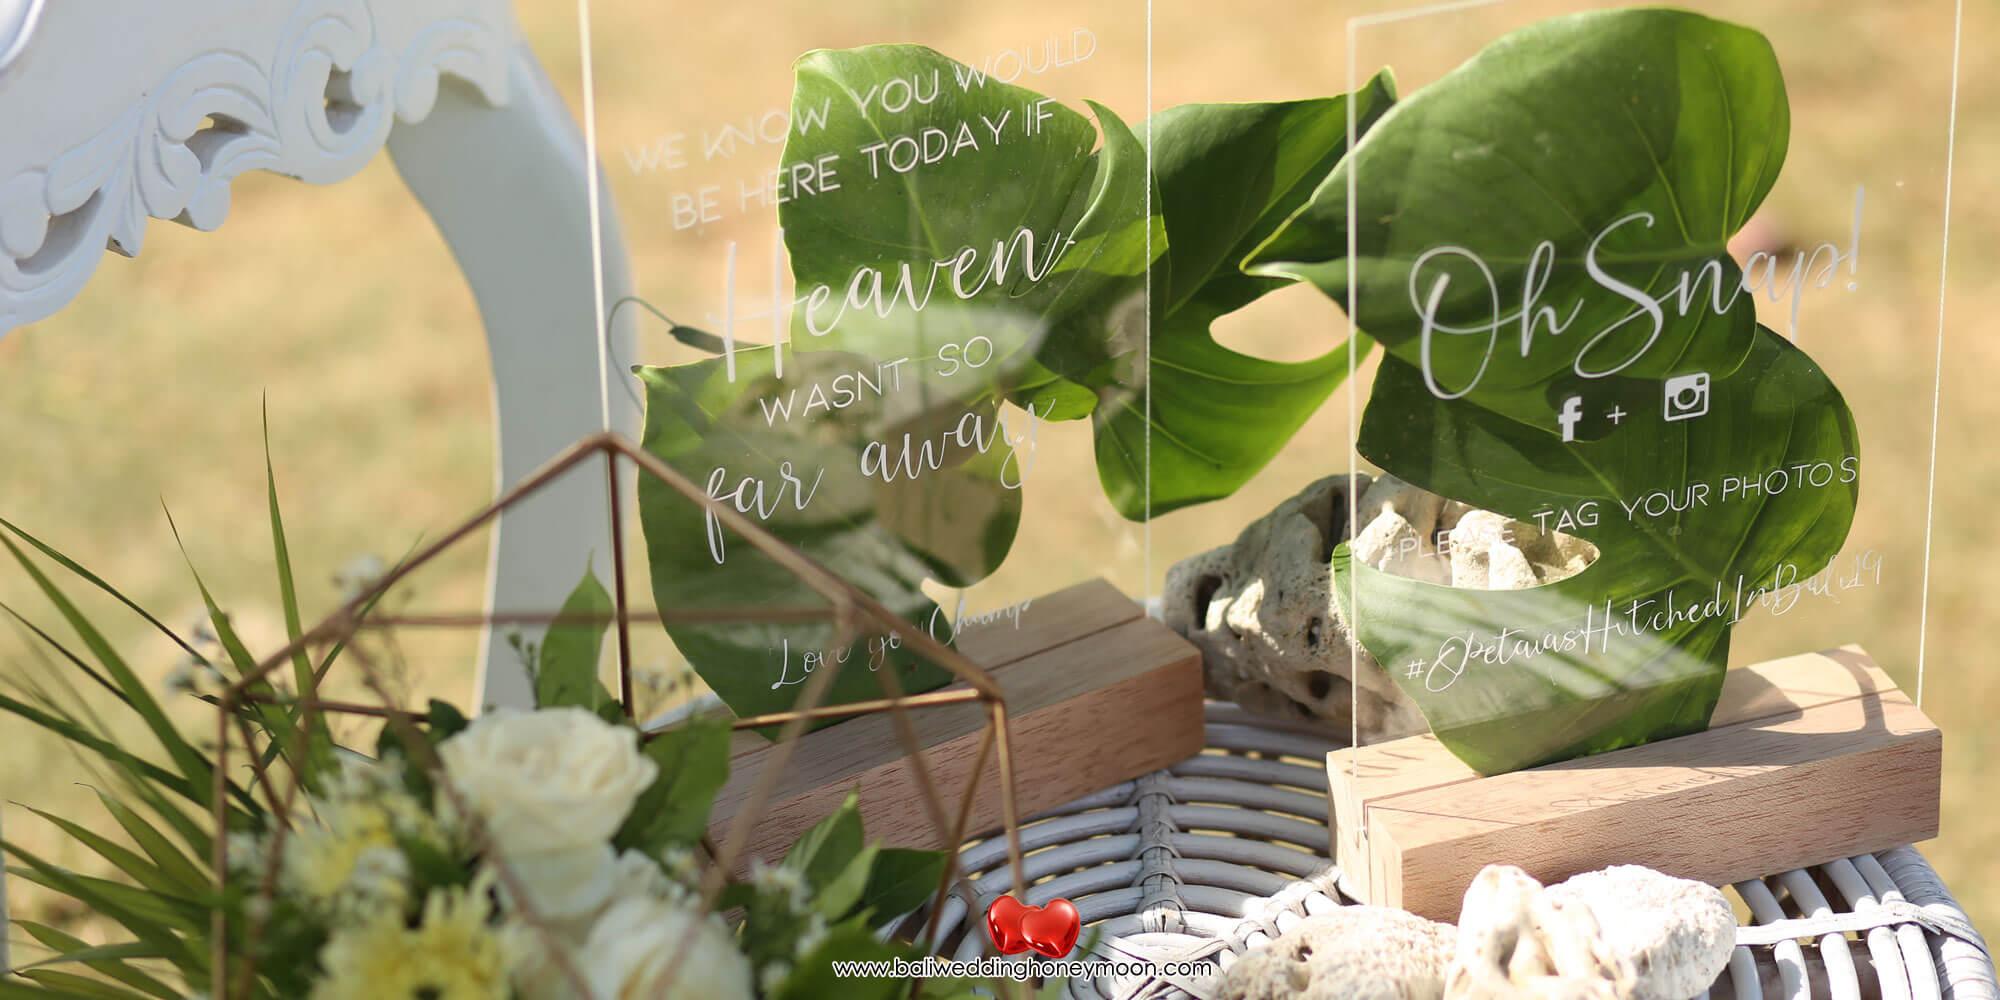 weddingvenuebali-gardenbaliwedding-baliweddinghoneymoon-baliweddingorganizer-baliweddingplanner-baliweddingpackage-holidayinbarunabali8